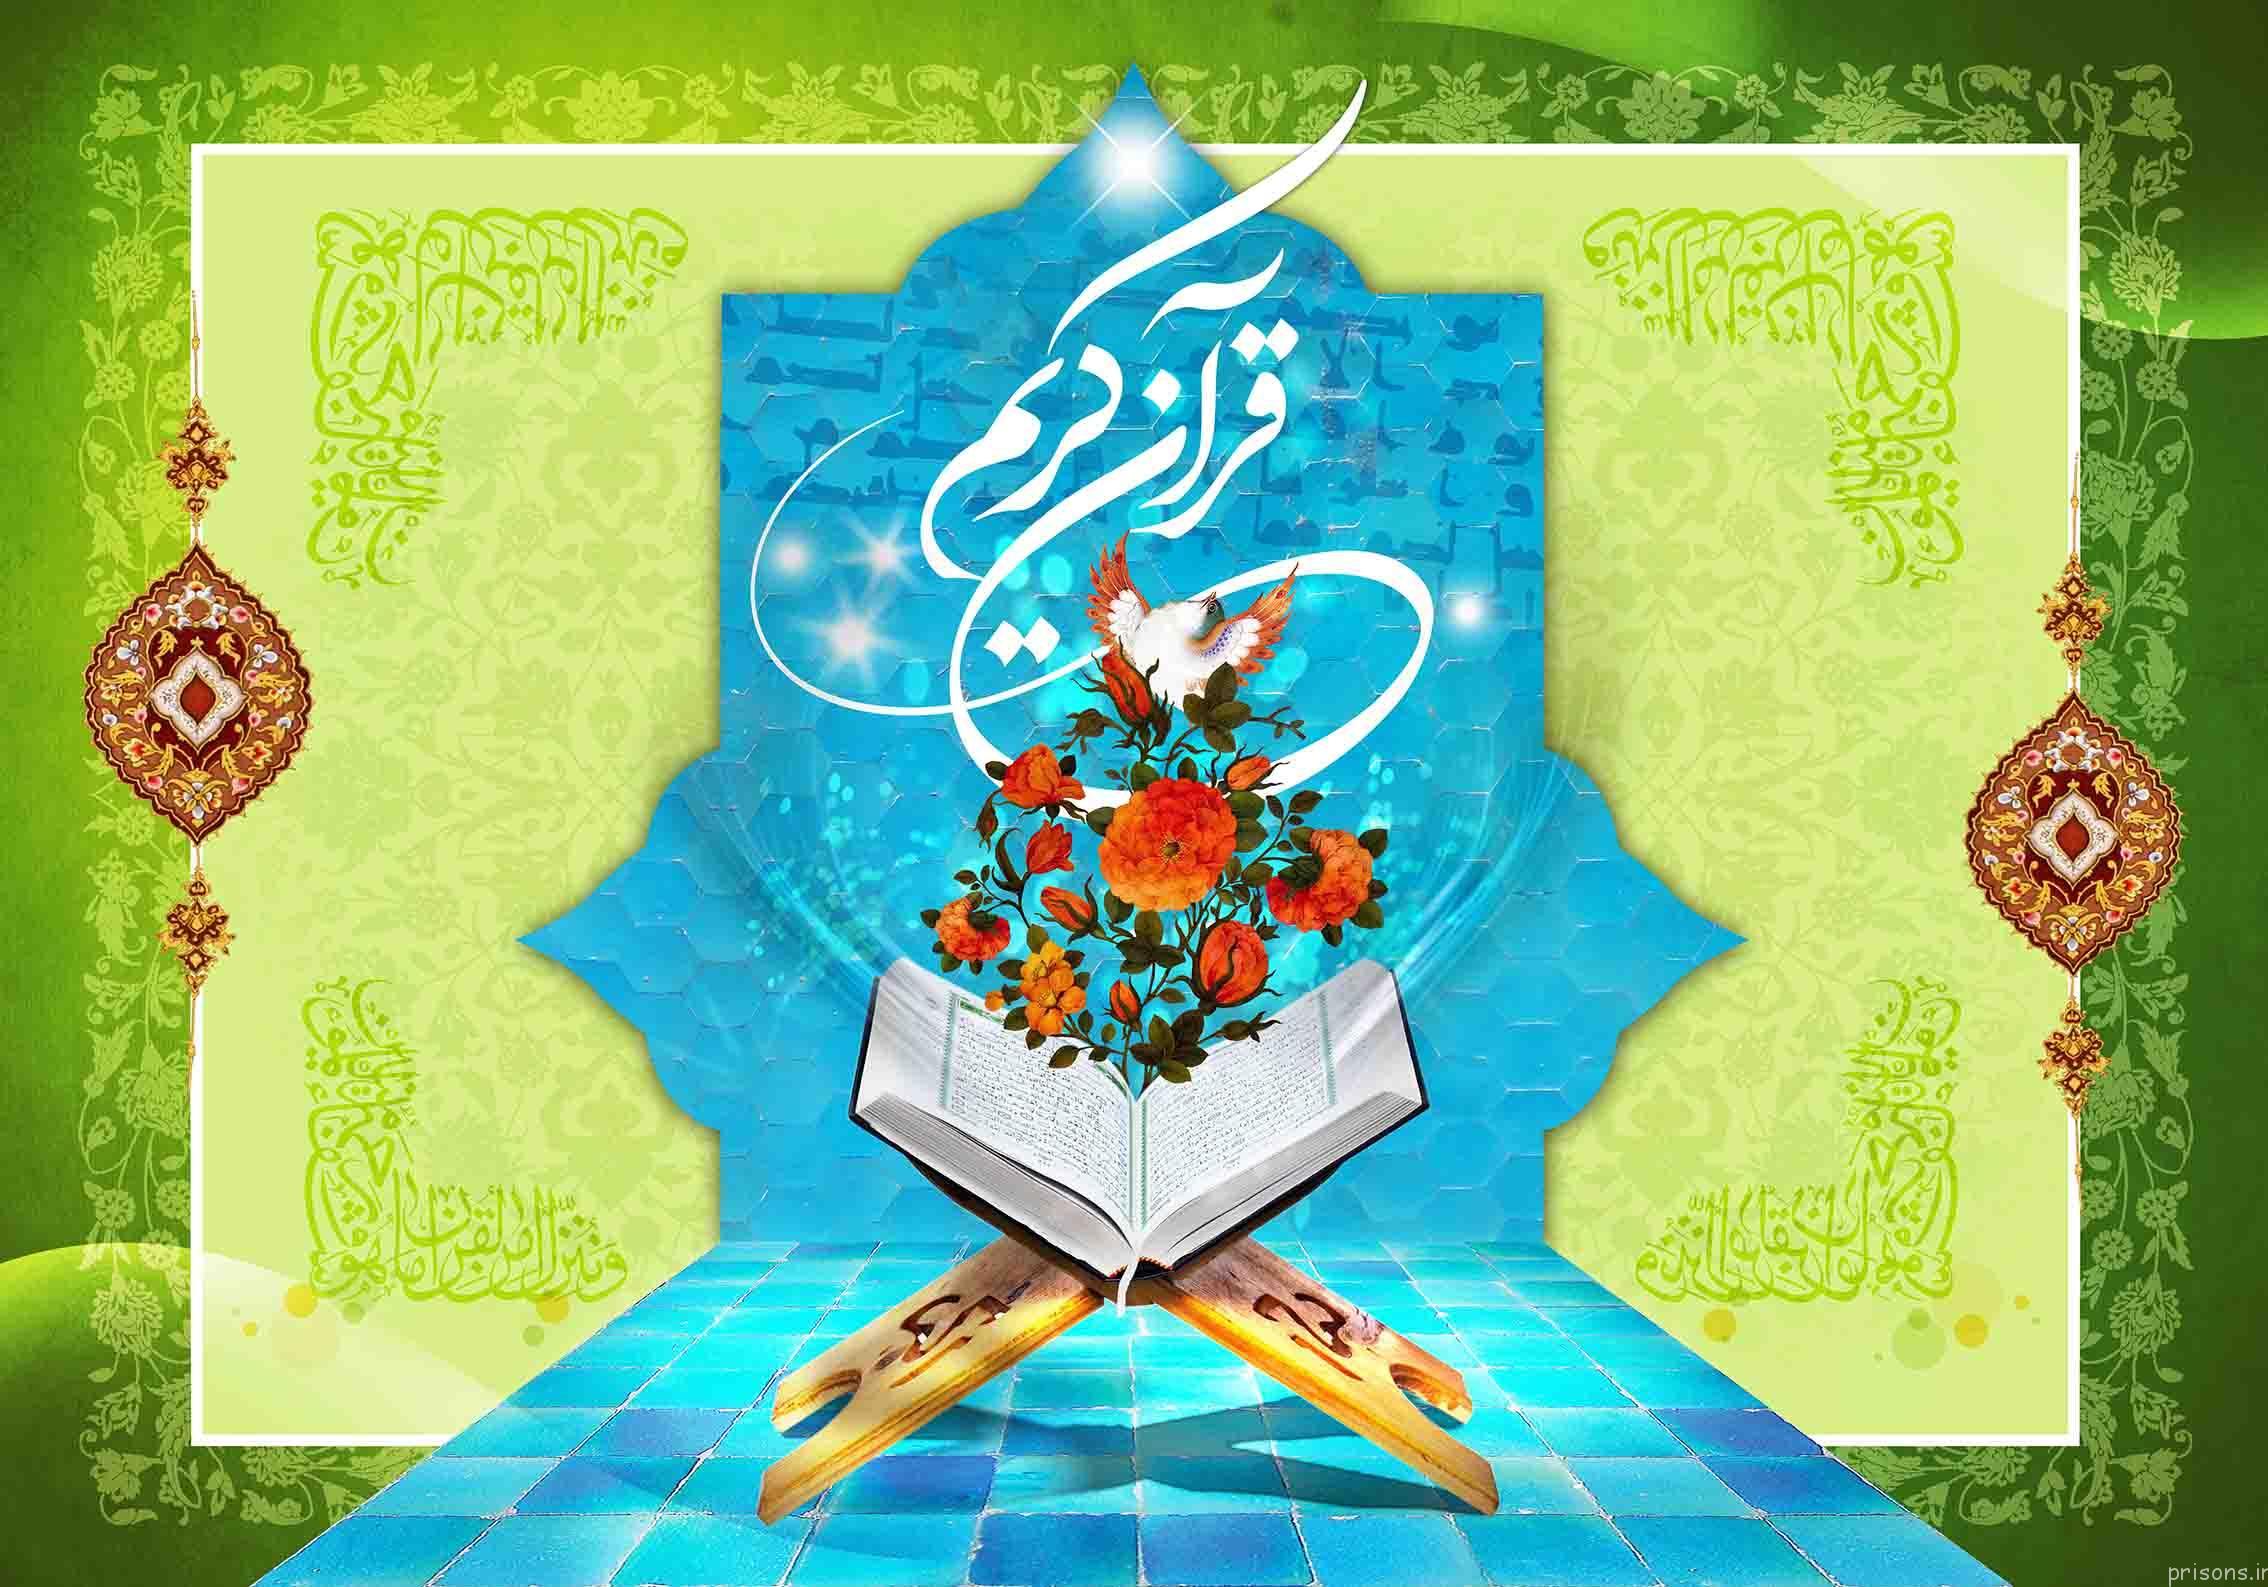 برگزاری جشنواره قرآنی فرهنگی و ورزشی جامعه القرآن/مسابقات مرحله شهرستانی در ایام دهه فجر